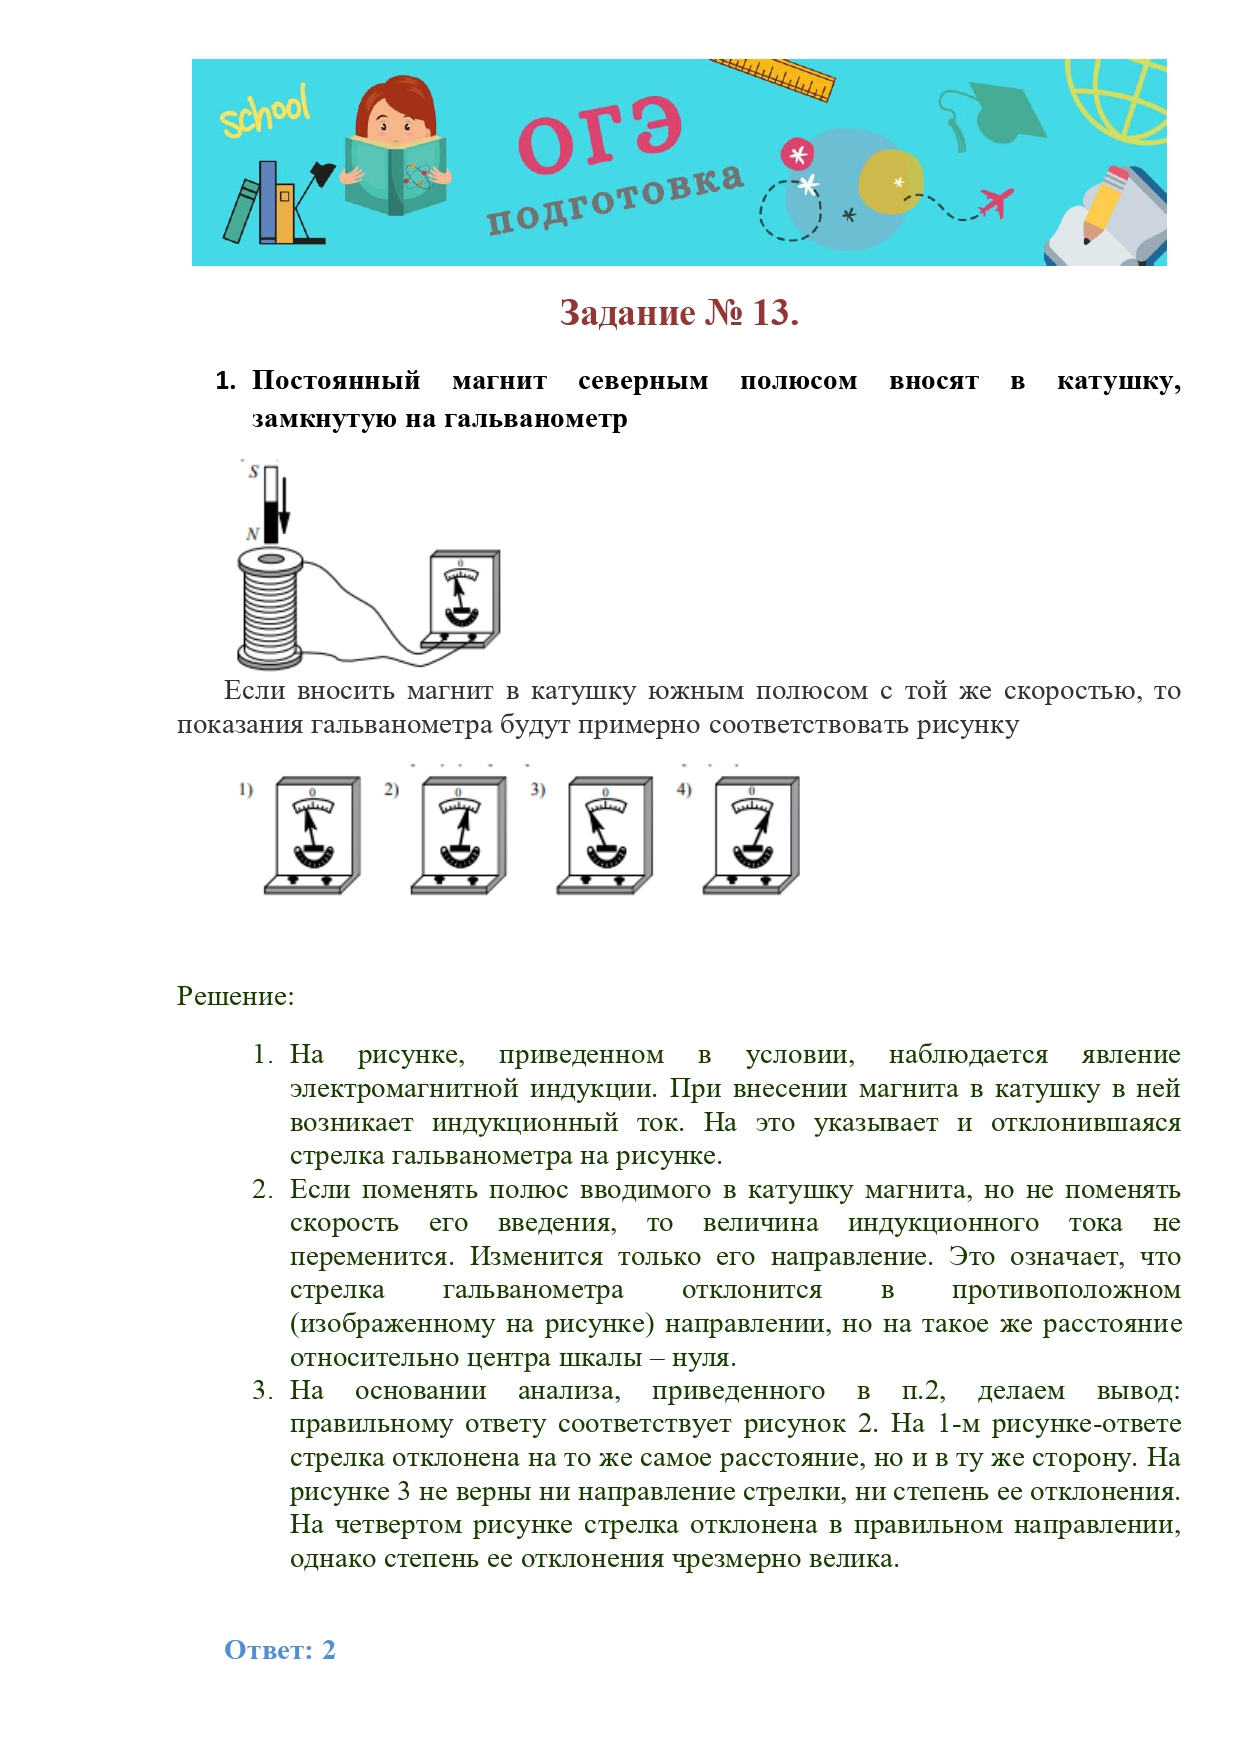 ОГЭ подготовка задание 13 страница 1